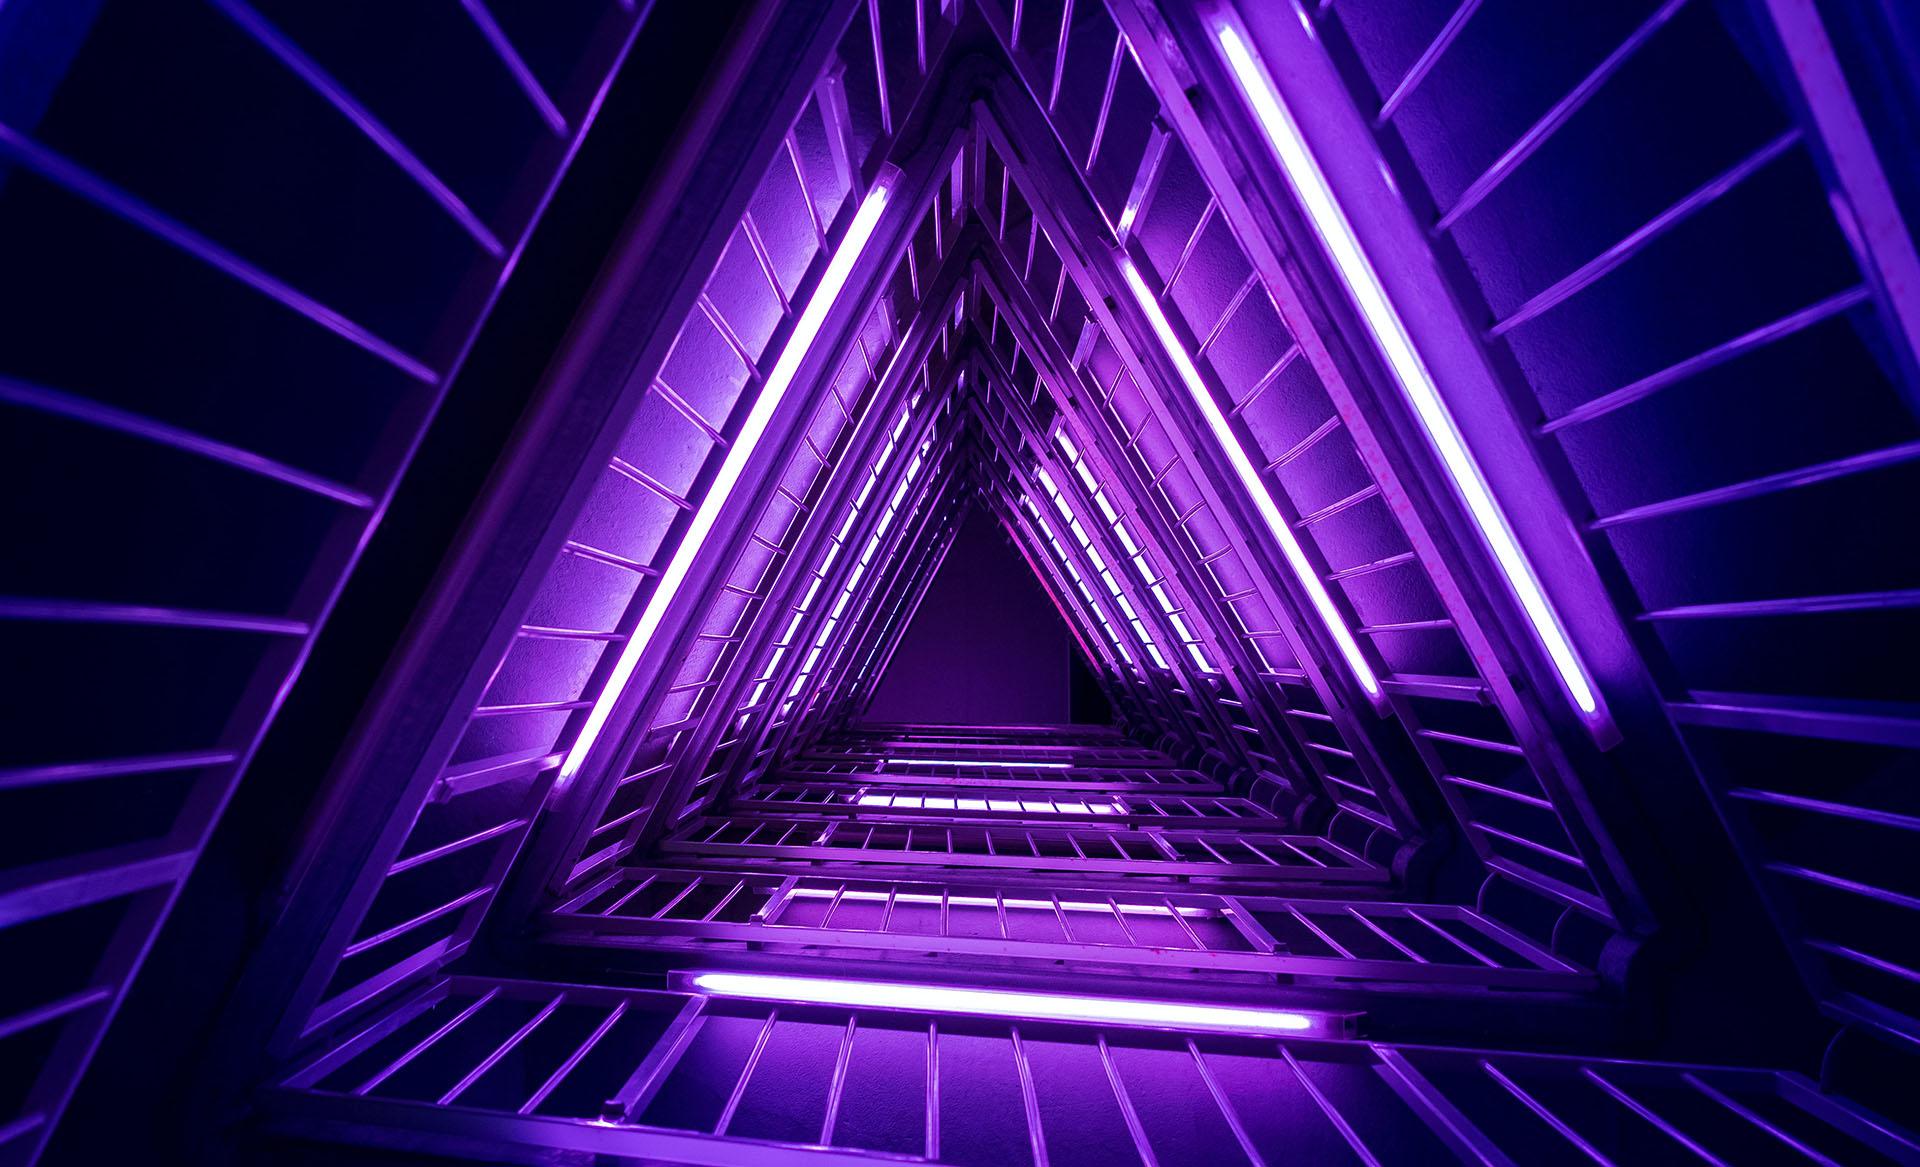 néons violets